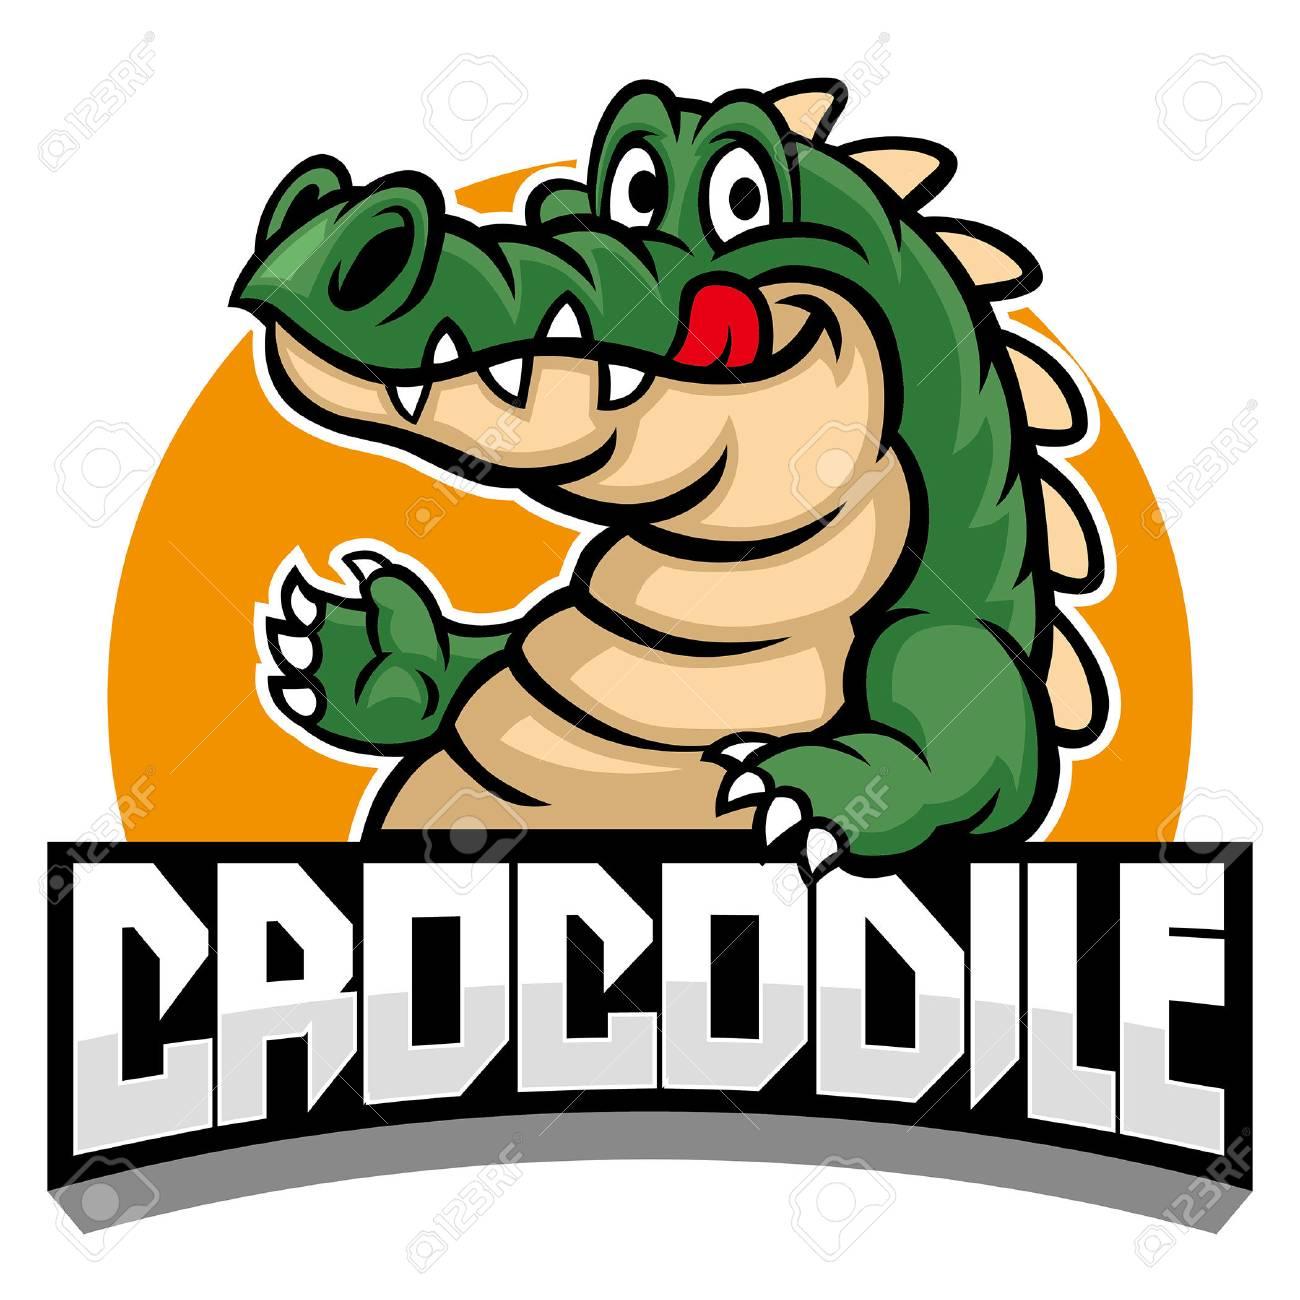 crocodile mascot - 117123039